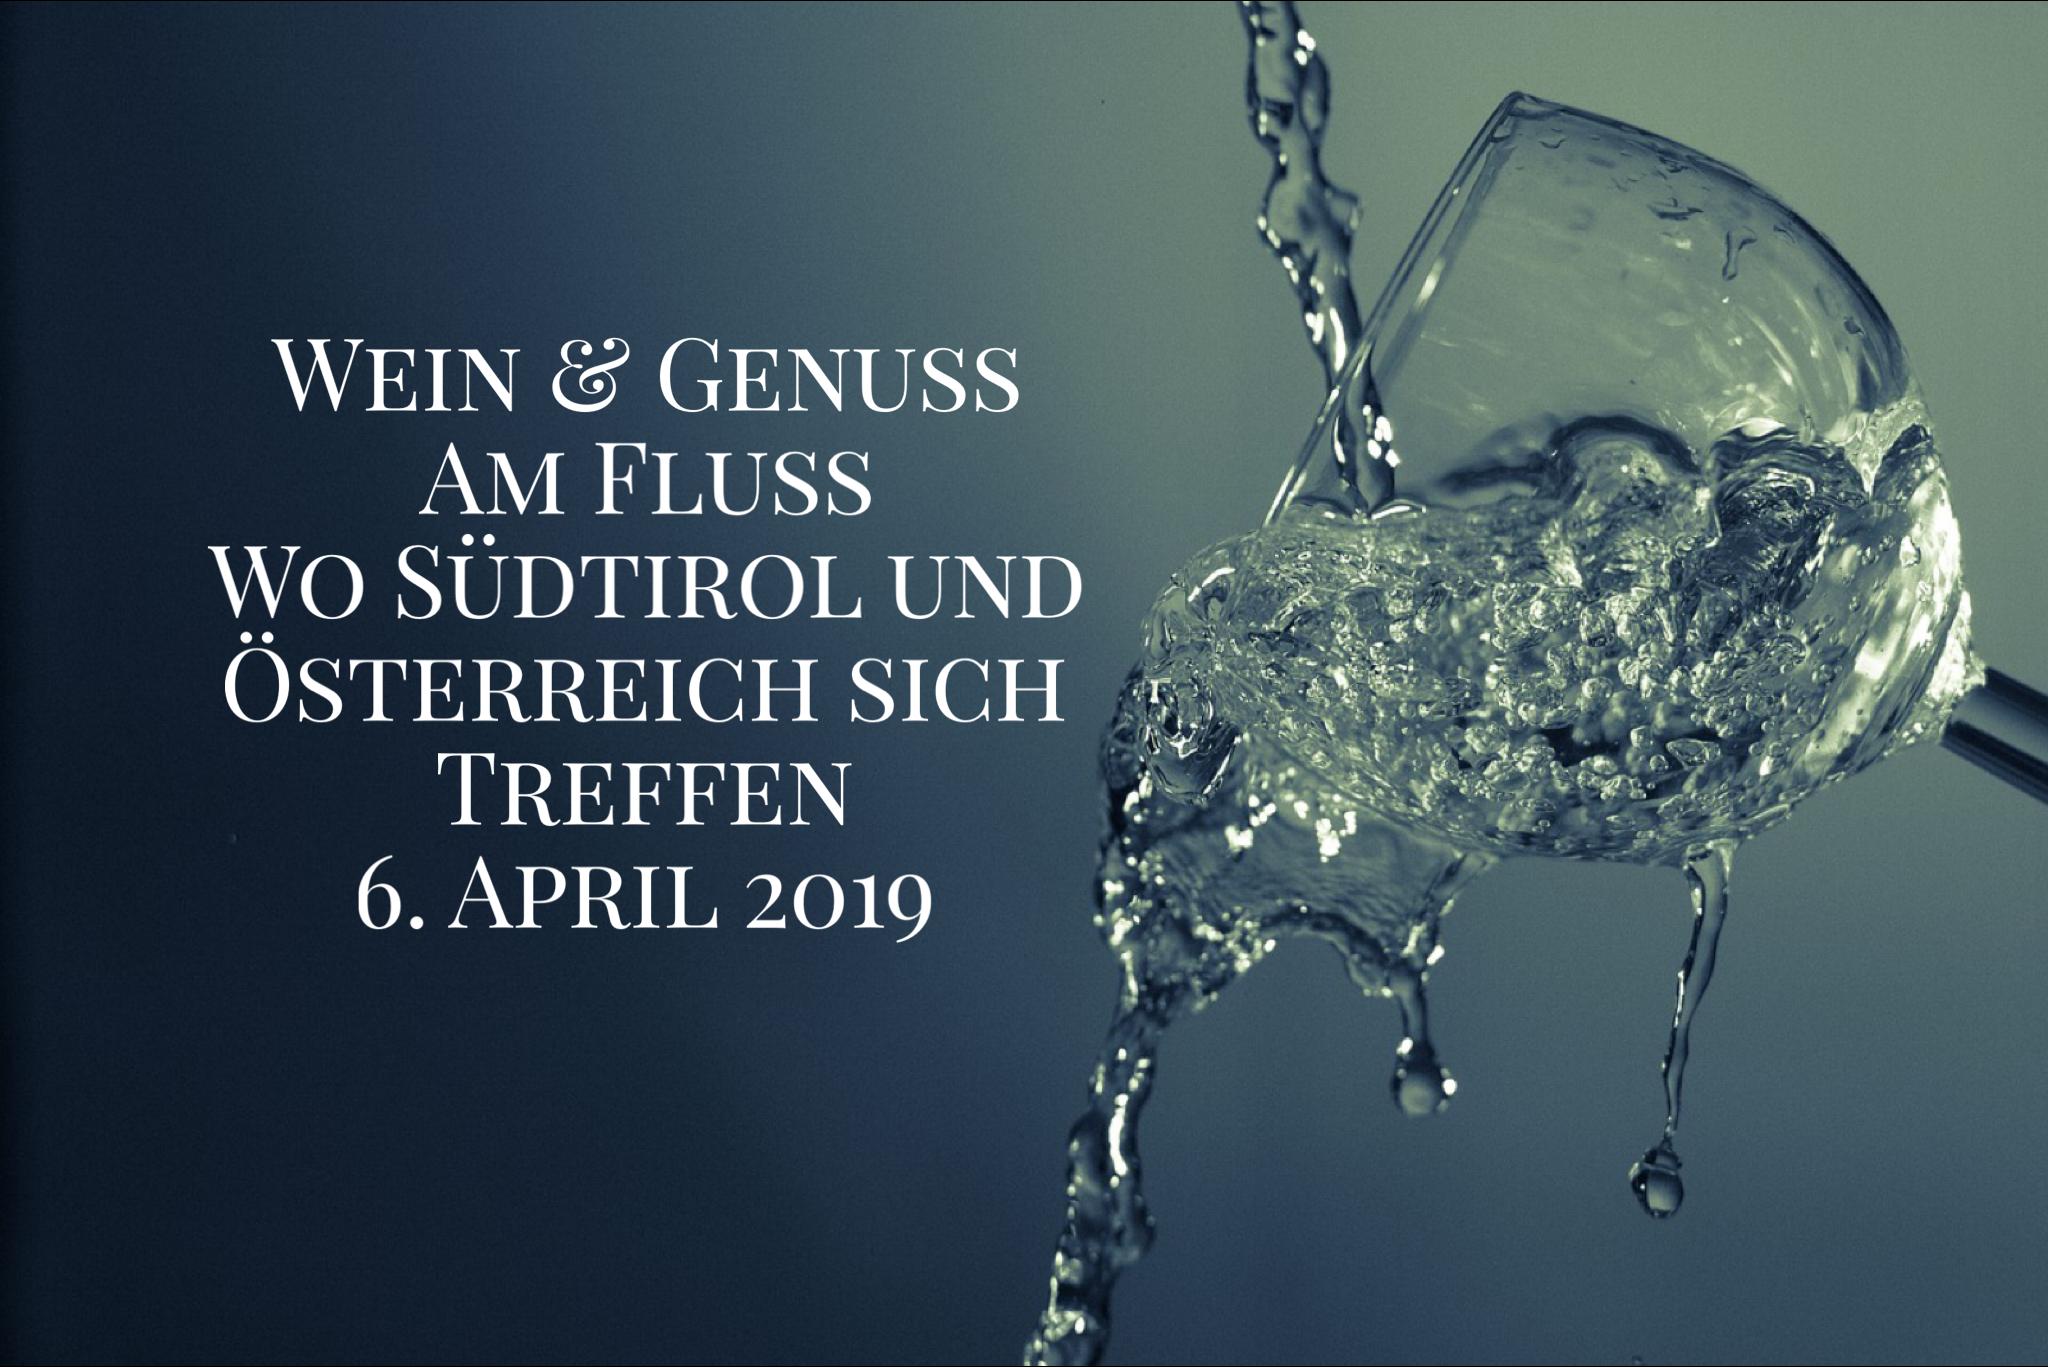 Wein & Genuss am Fluss . Sütirol triff Österreich . Weine die Verbinden 6. April 2019